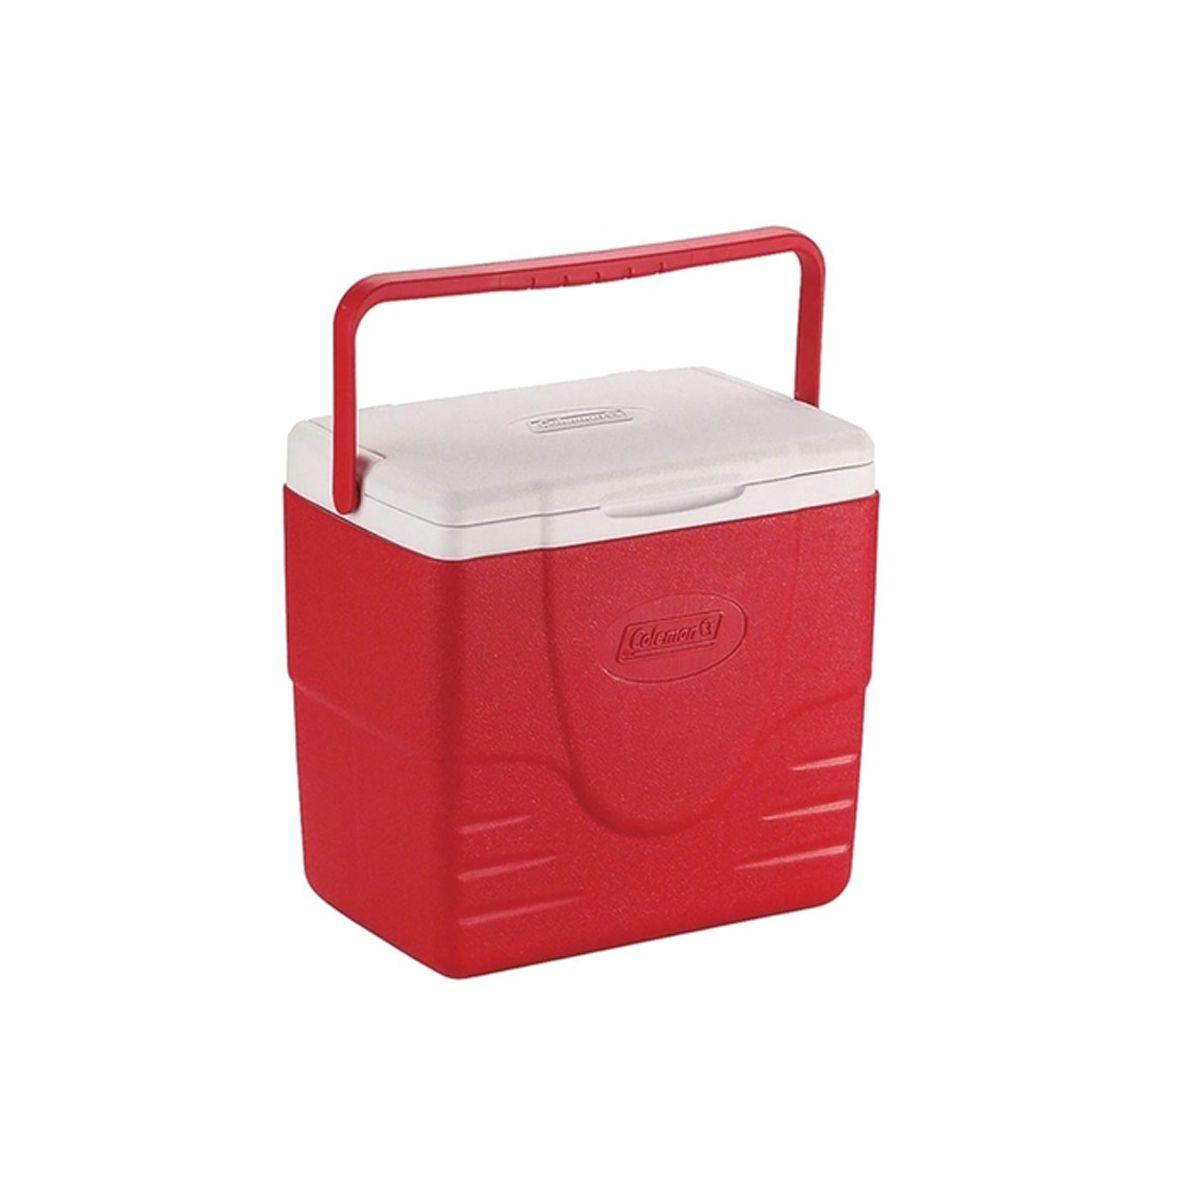 Caixa Térmica Coleman 16qt 15.1 Litros Vermelha